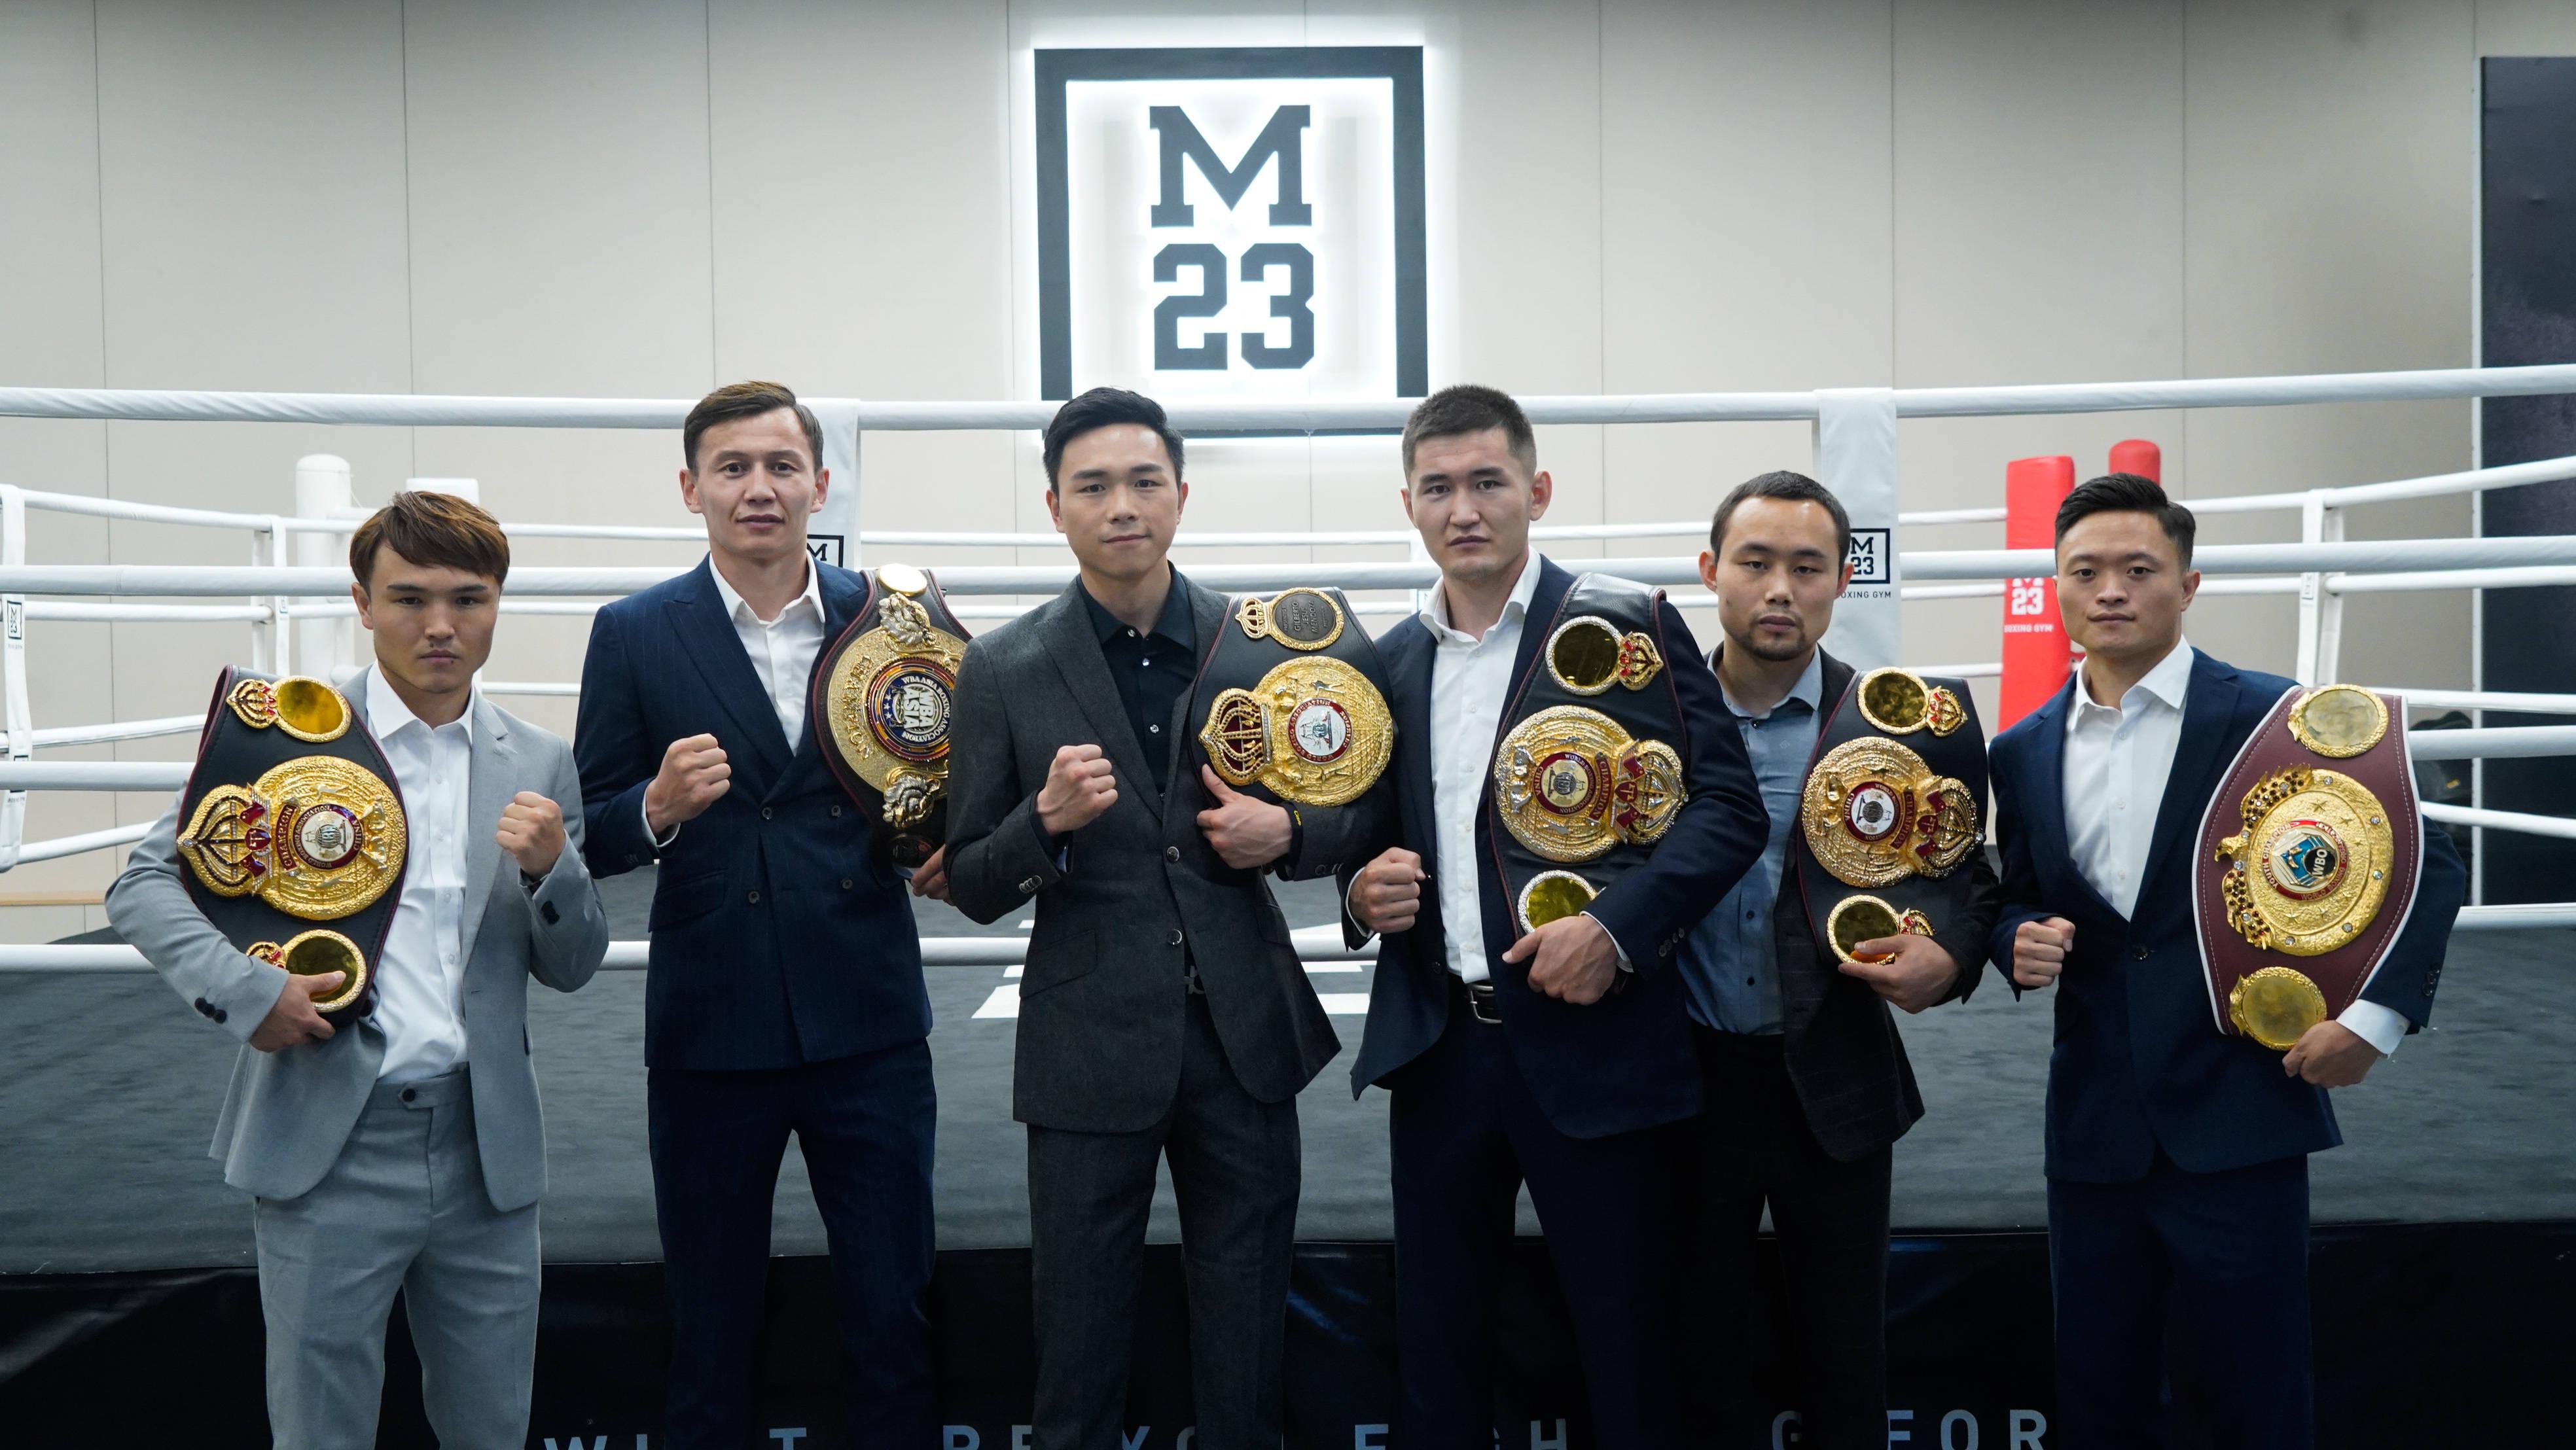 中国拳击再获顶级商业赞